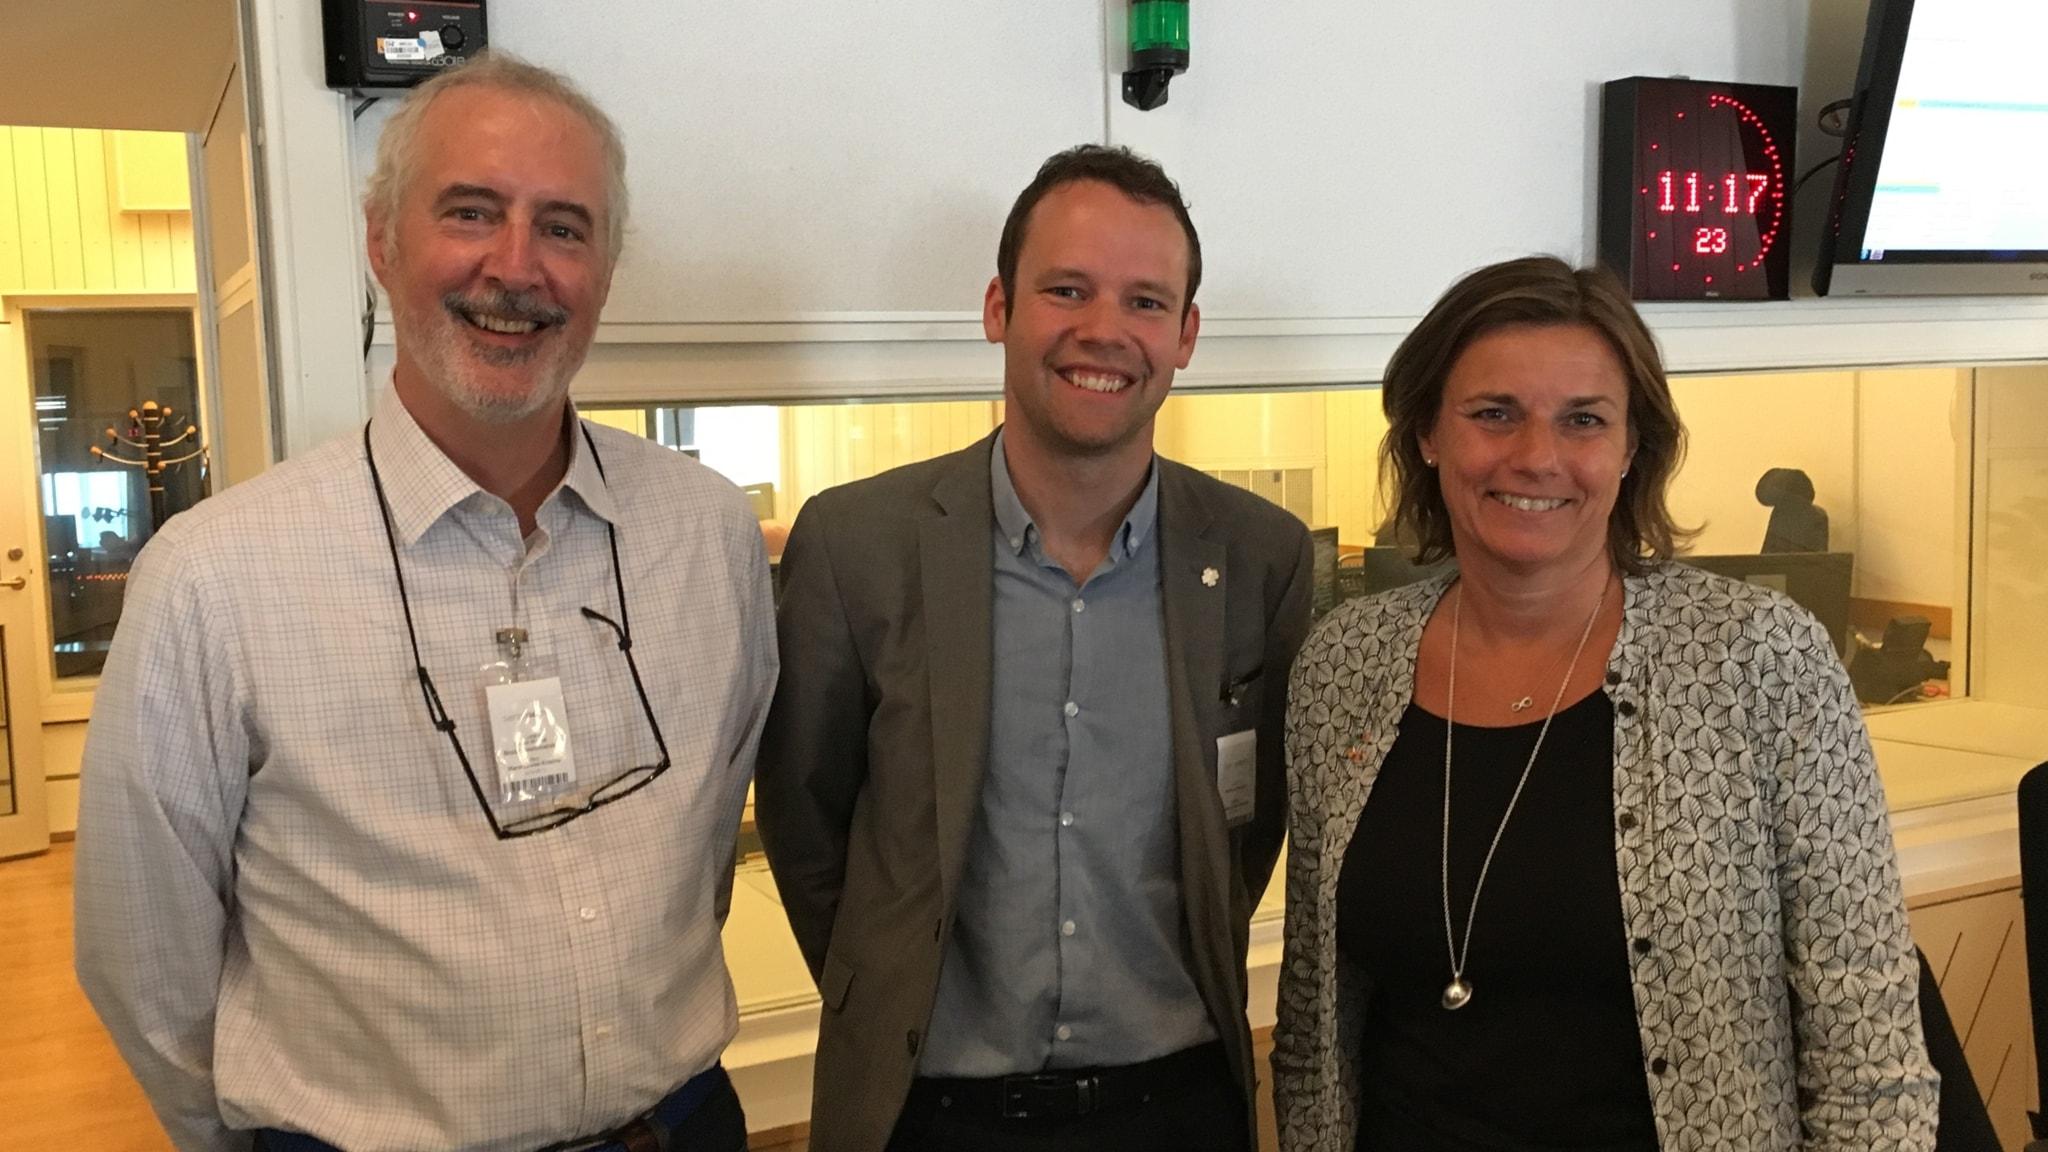 Tre personer i en radiostudio: klimatminister Isabella Lövin (MP), Centerpartiets Rickard Nordin och klimatforskare Kevin Noone, Stockholms universitet.